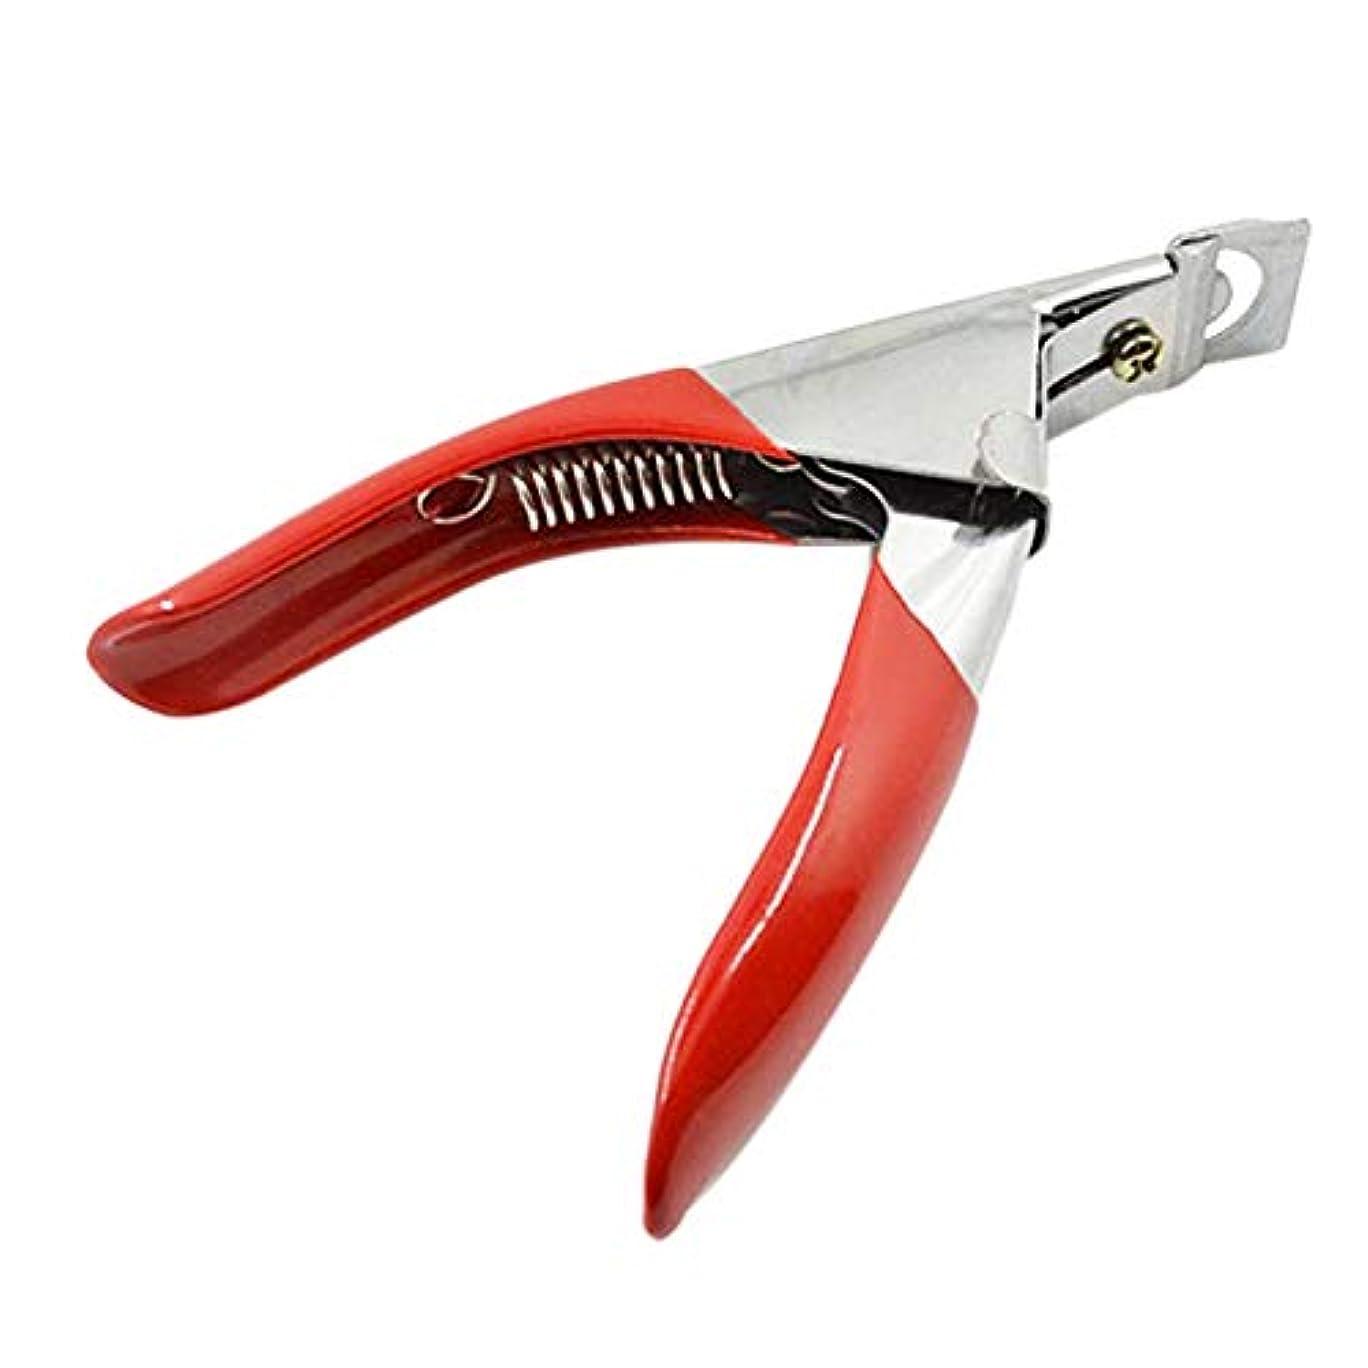 合体に対応する割り当てるCUHAWUDBA マニキュア、ネイルのはさみ、カット、フランス語の言葉、偽爪のはさみ、カット用マニキュアのツール